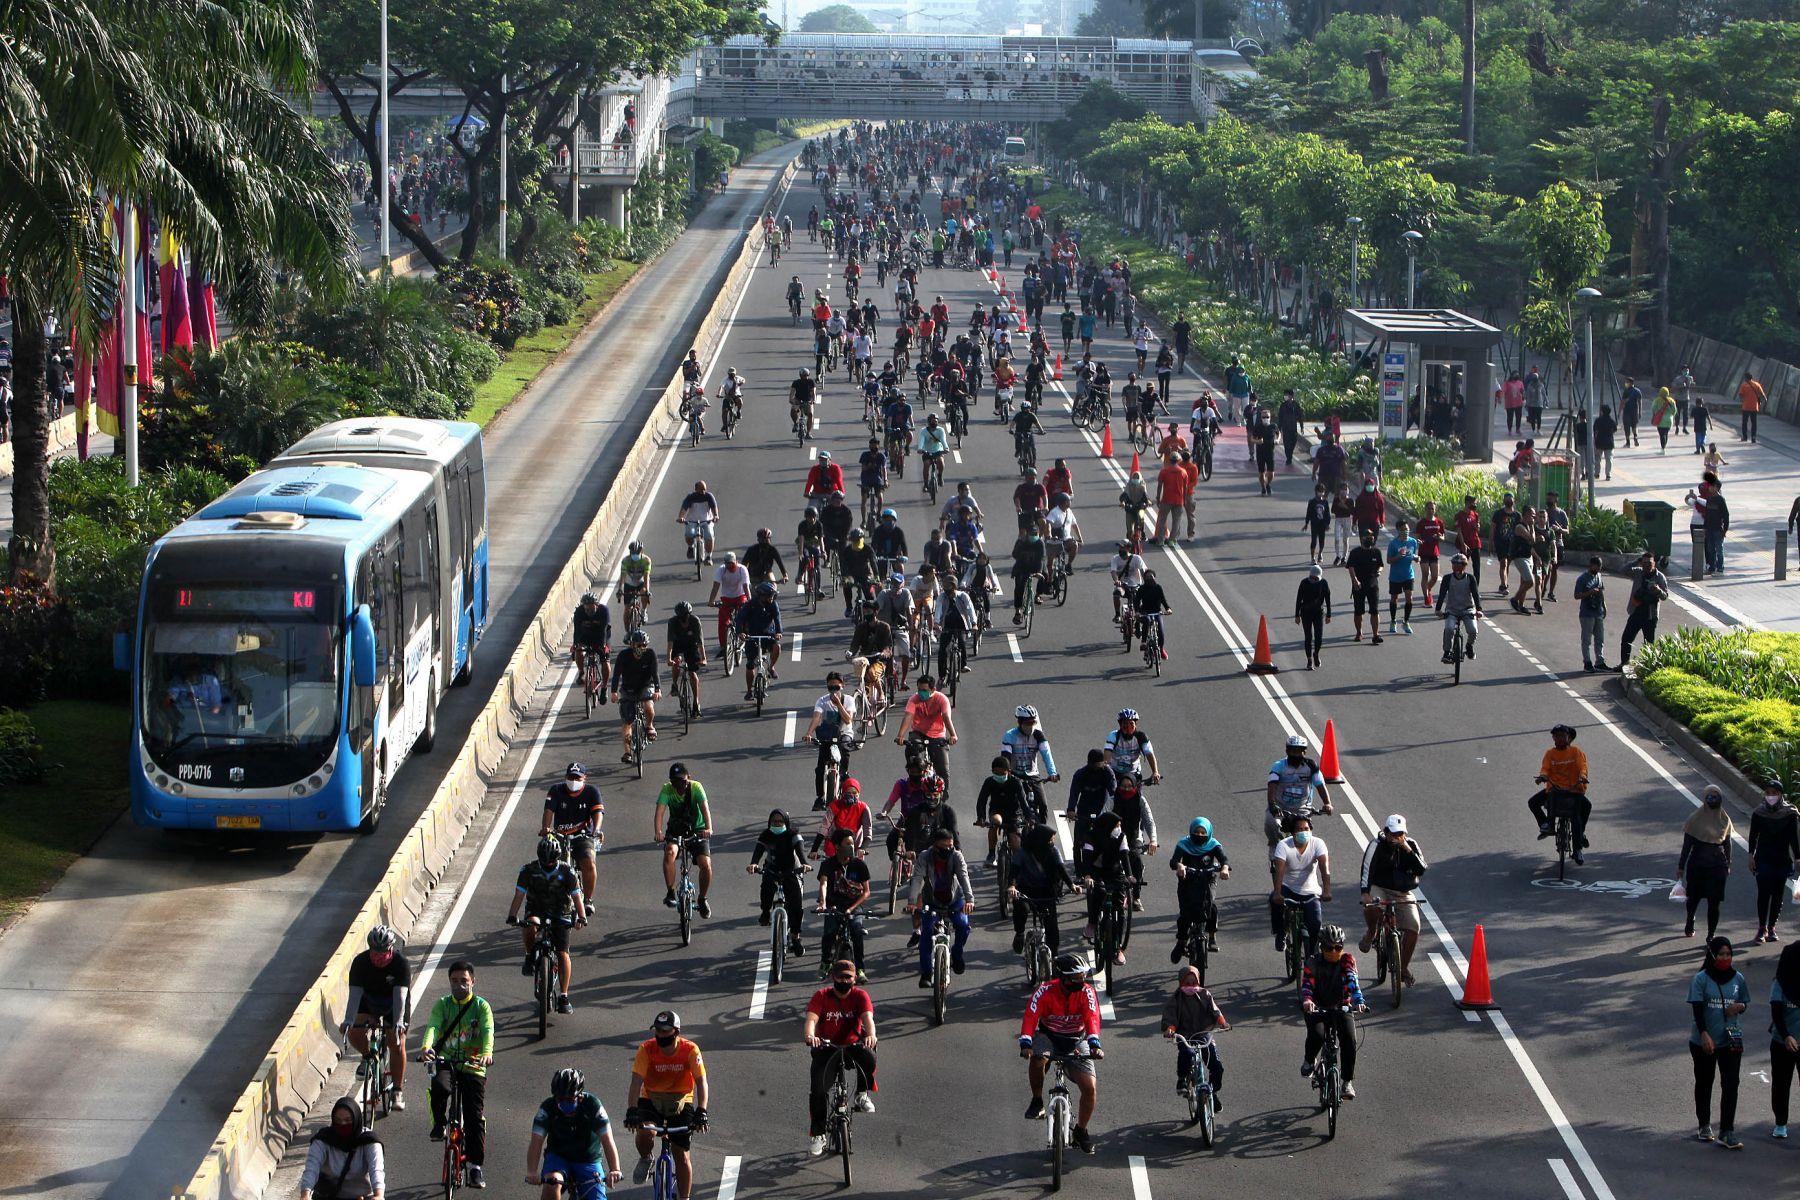 Selama pandemi covid-19, tren bersepeda di Jakarta meningkat hingga 1.000%